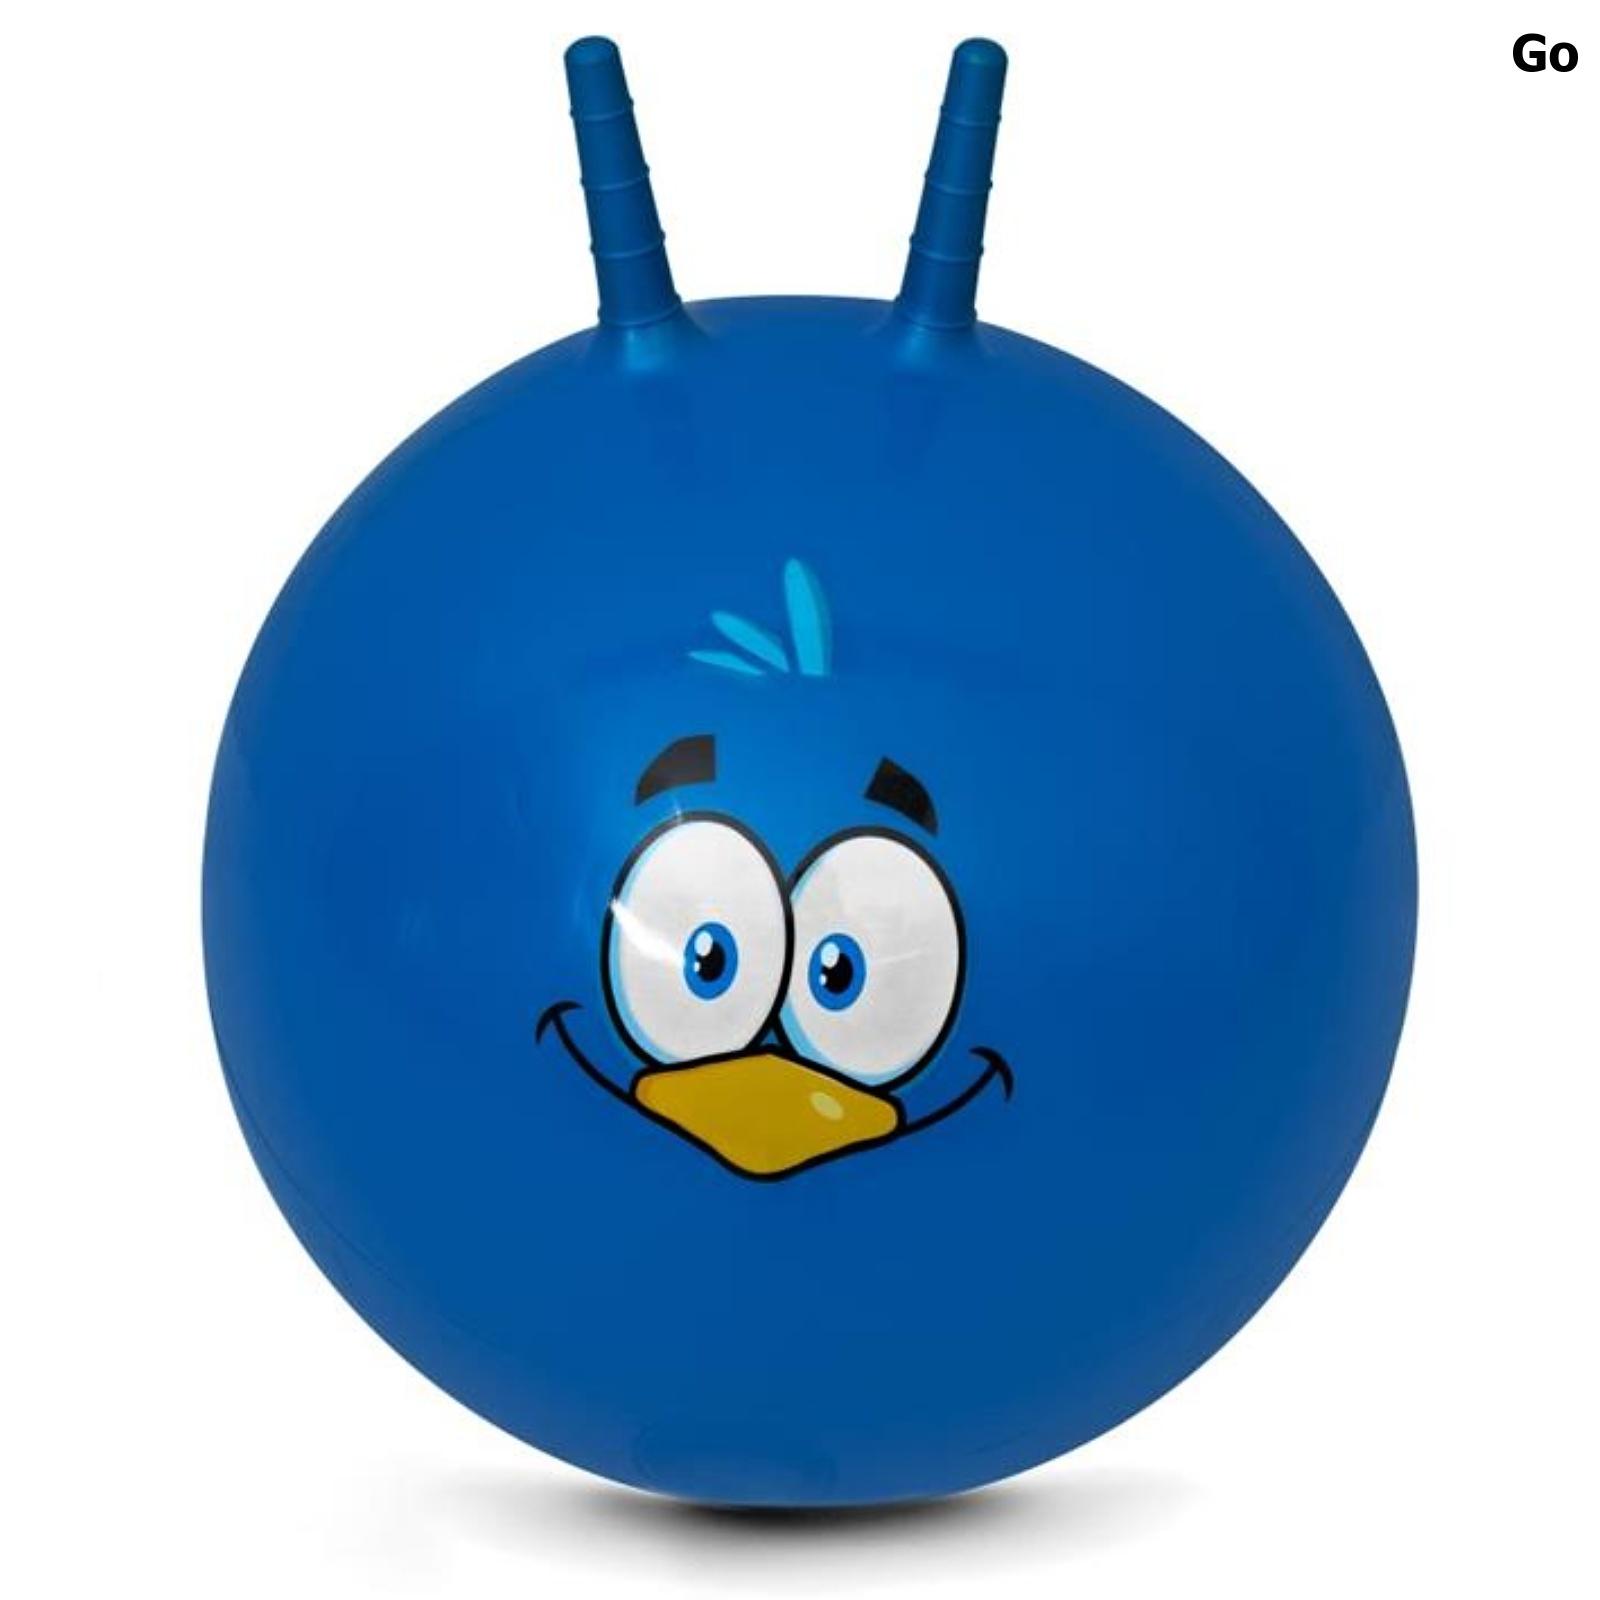 Skákací míč SPOKEY 60 cm Go